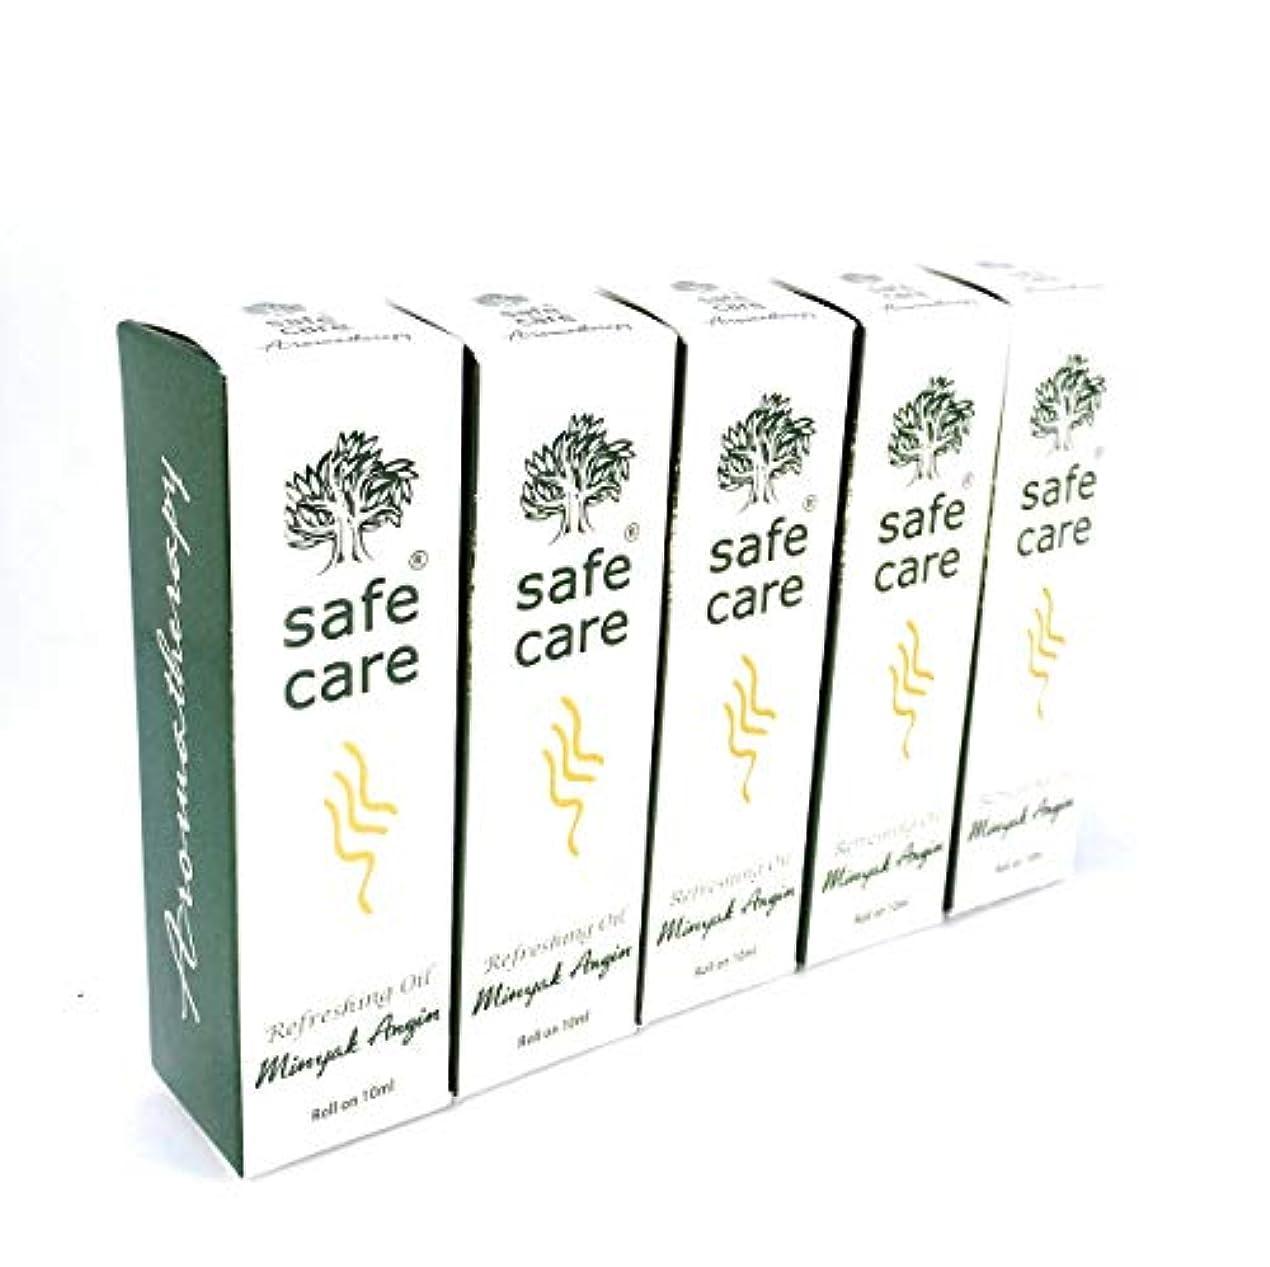 脱走ペッカディロ公使館Safe Care セイフケア Aromatherapy Refreshing Oil アロマテラピー リフレッシュオイル ロールオン 10ml × 5本セット [並行輸入品][海外直送品]